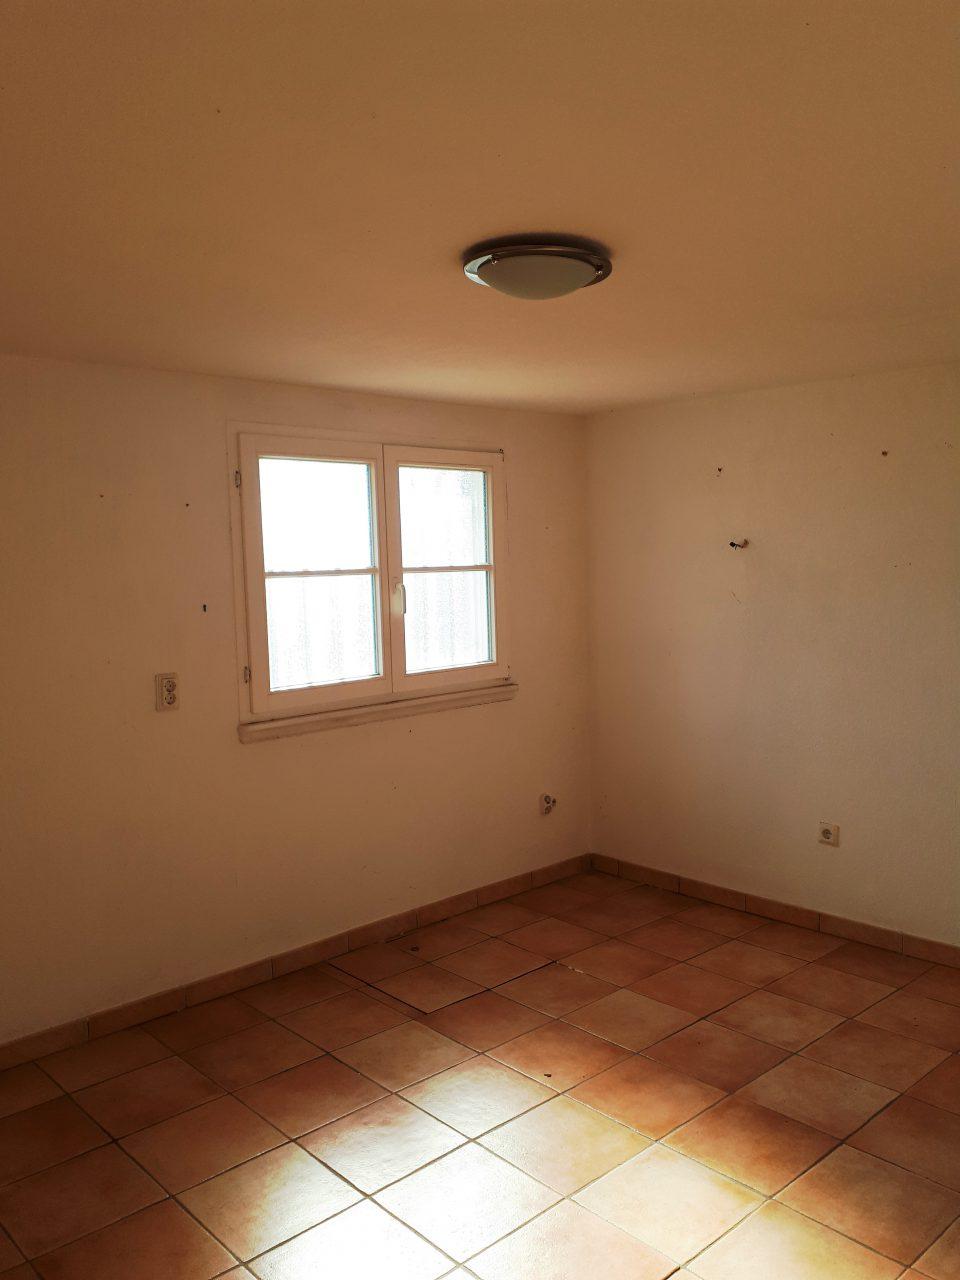 Das Büro im Kellergeschoss vor der Sanierung mit nur einem Fenster Richtung Süden.